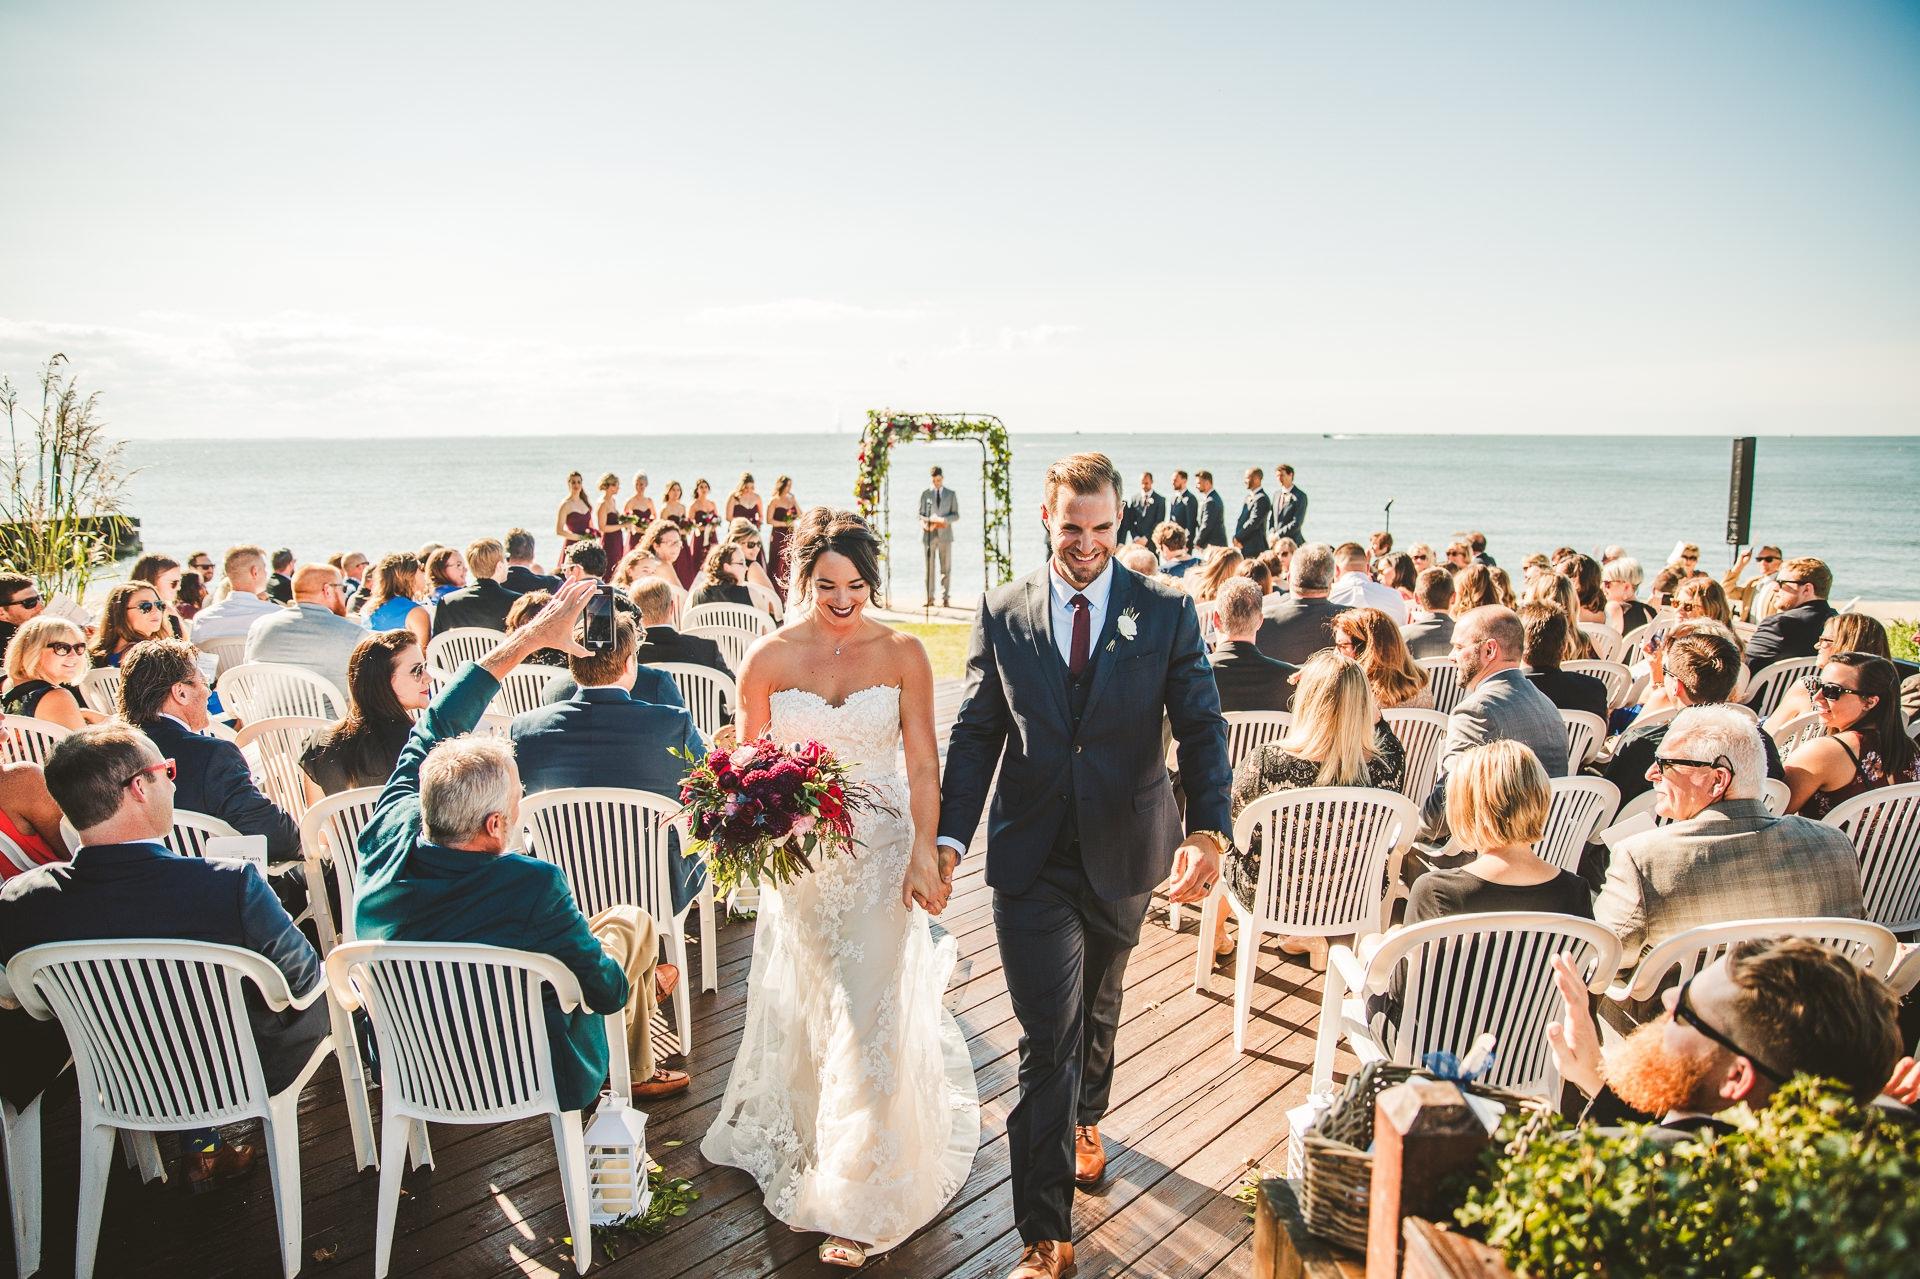 Catawba Island Club Wedding Photographer in Port Clinton 68.jpg